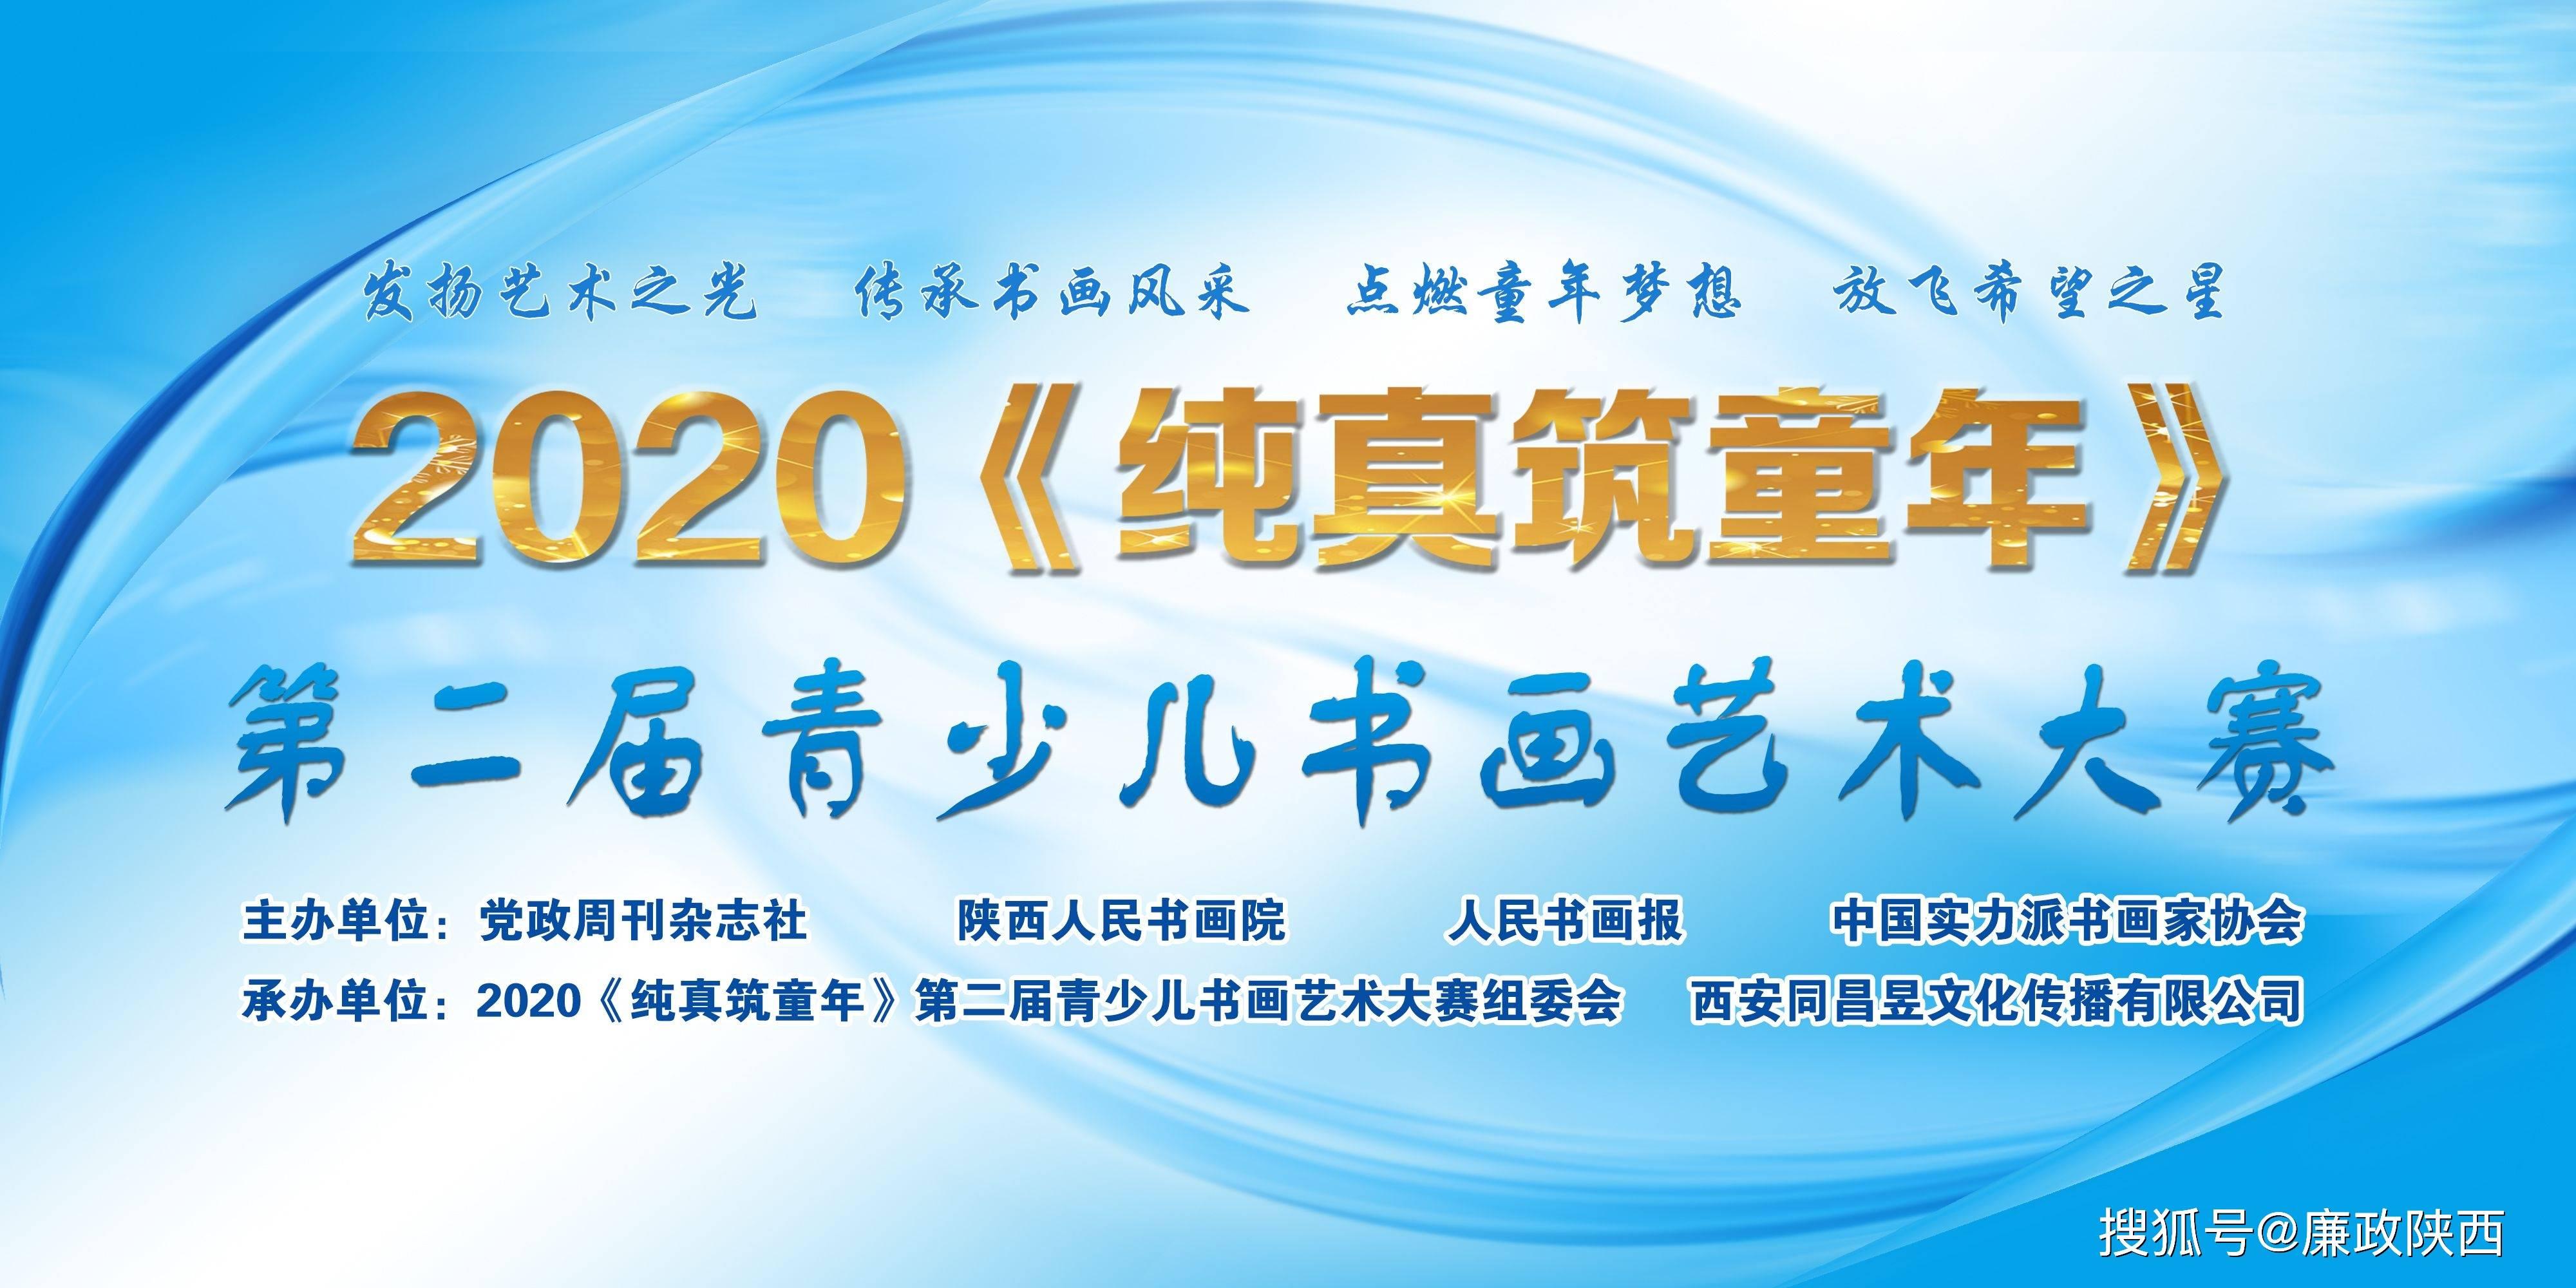 """2020""""纯真筑童年""""第二届青少儿书画艺术大赛作品展示第五集"""